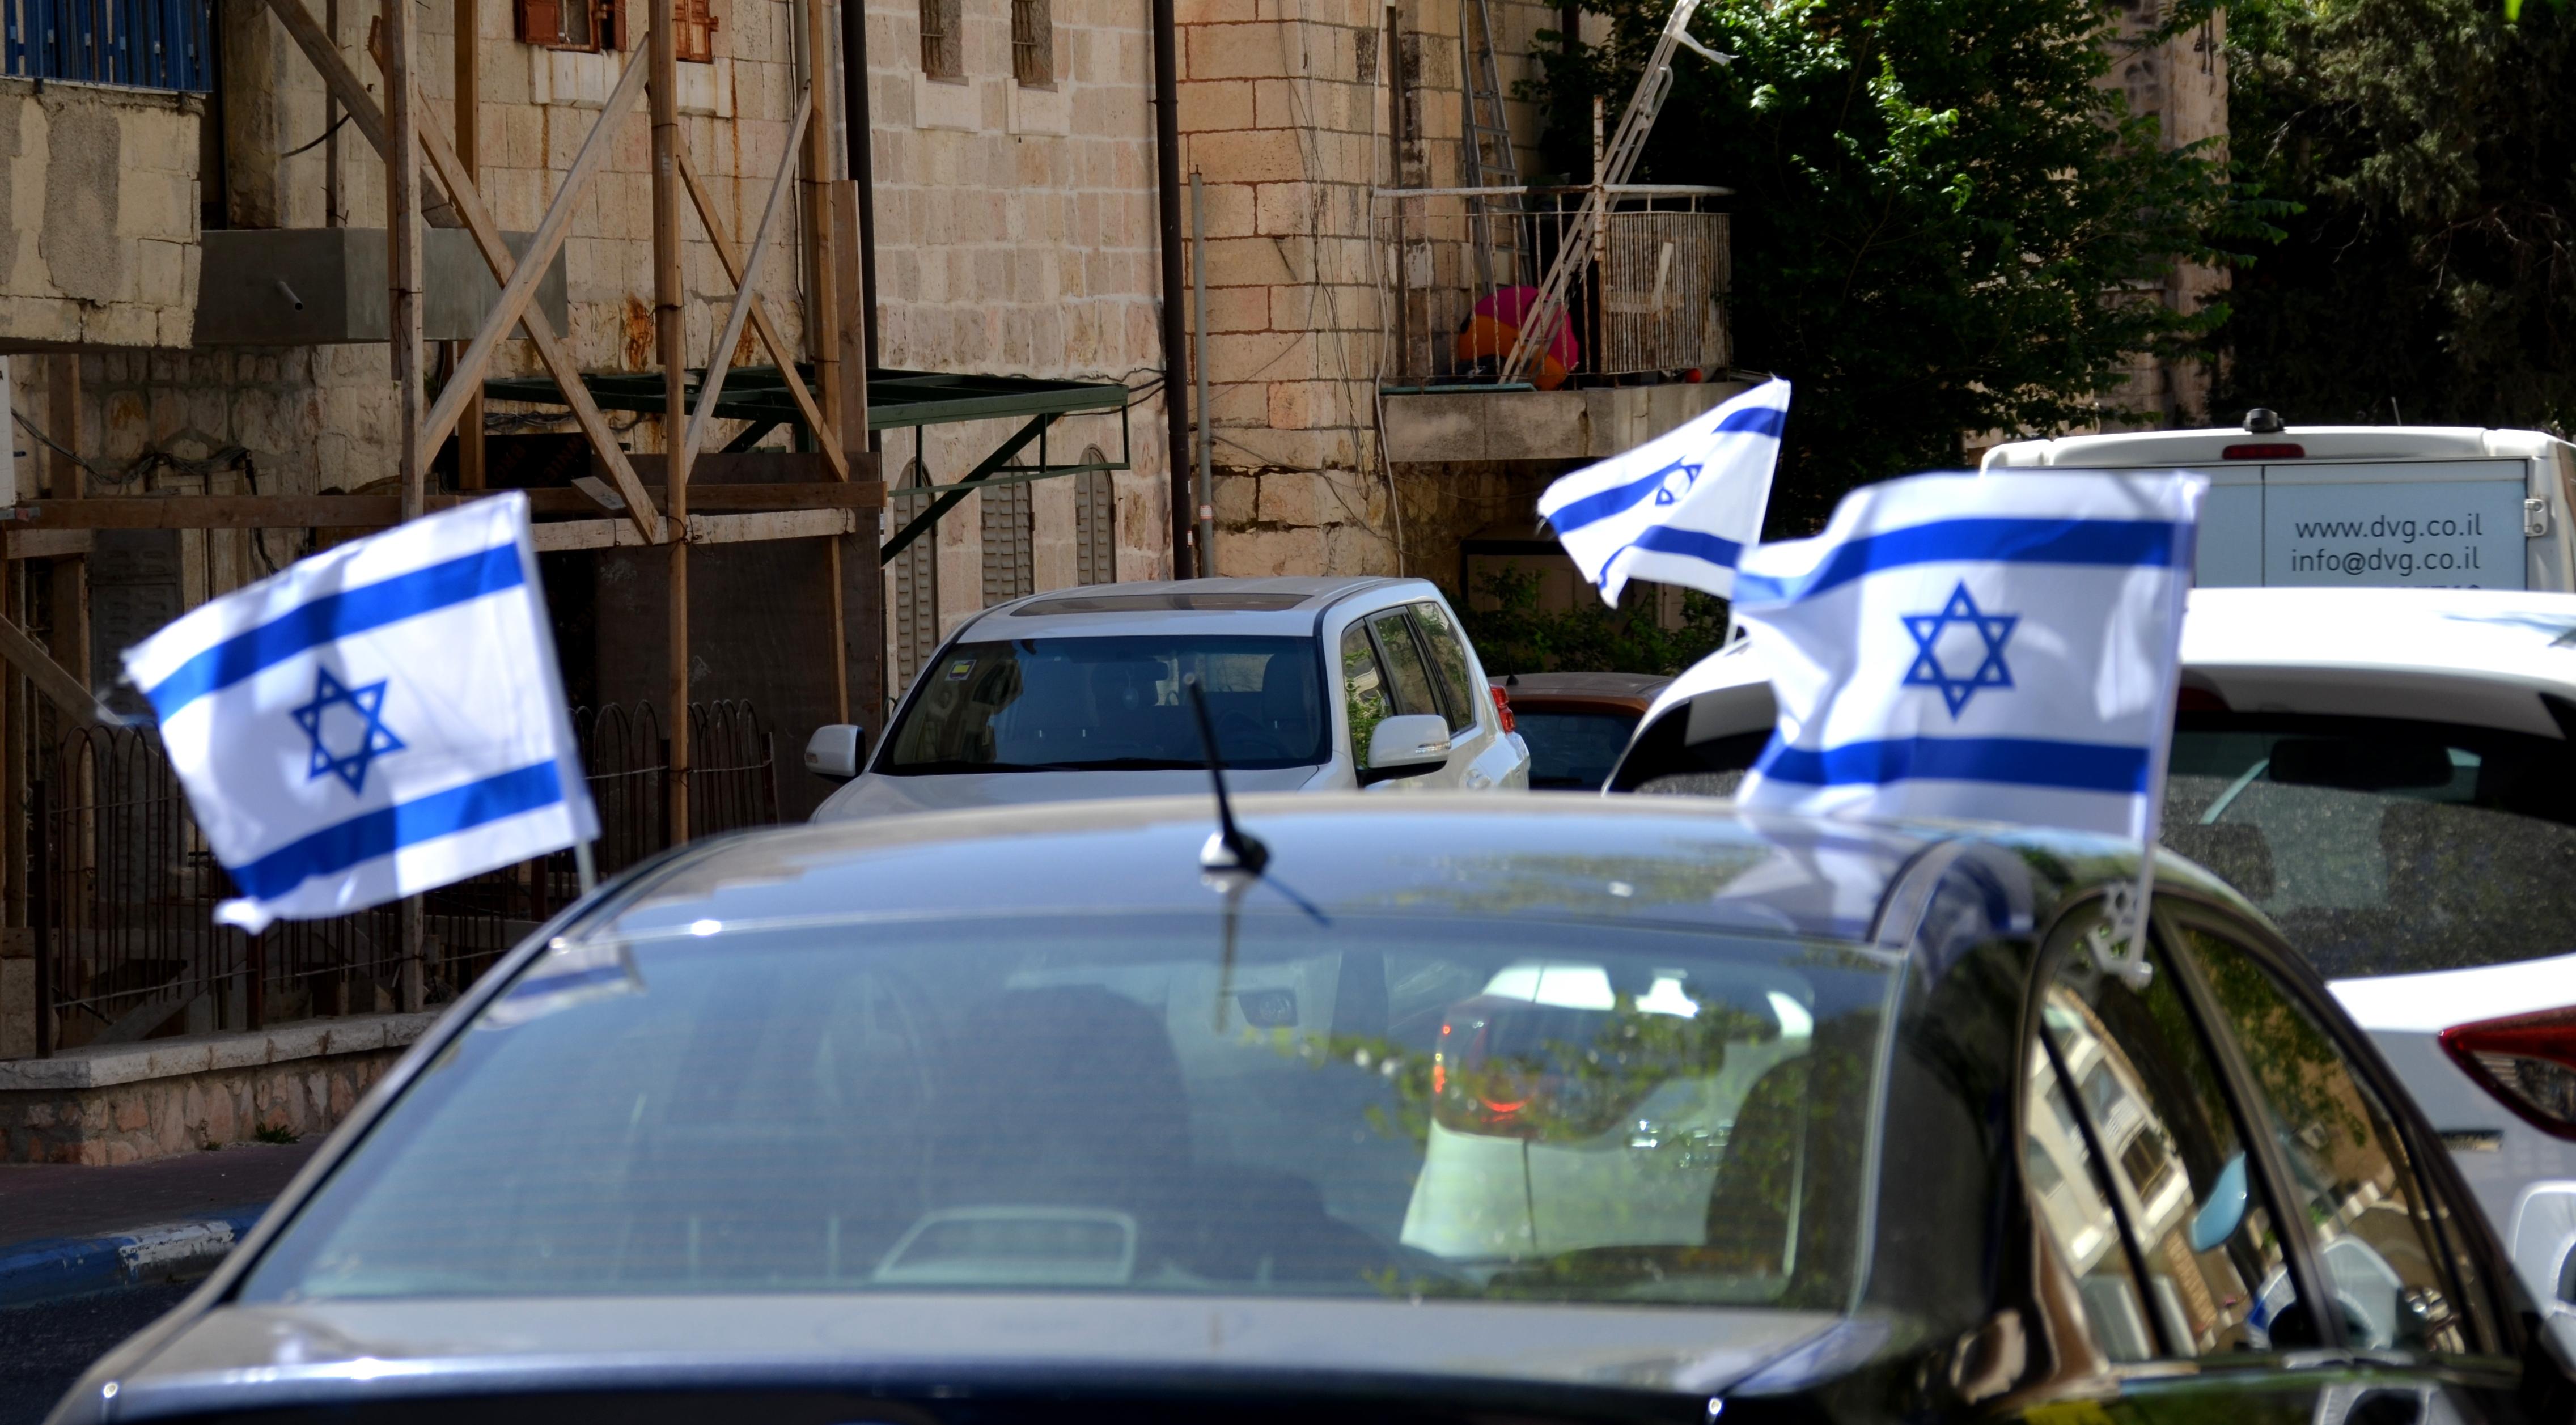 Israeli flags on cars